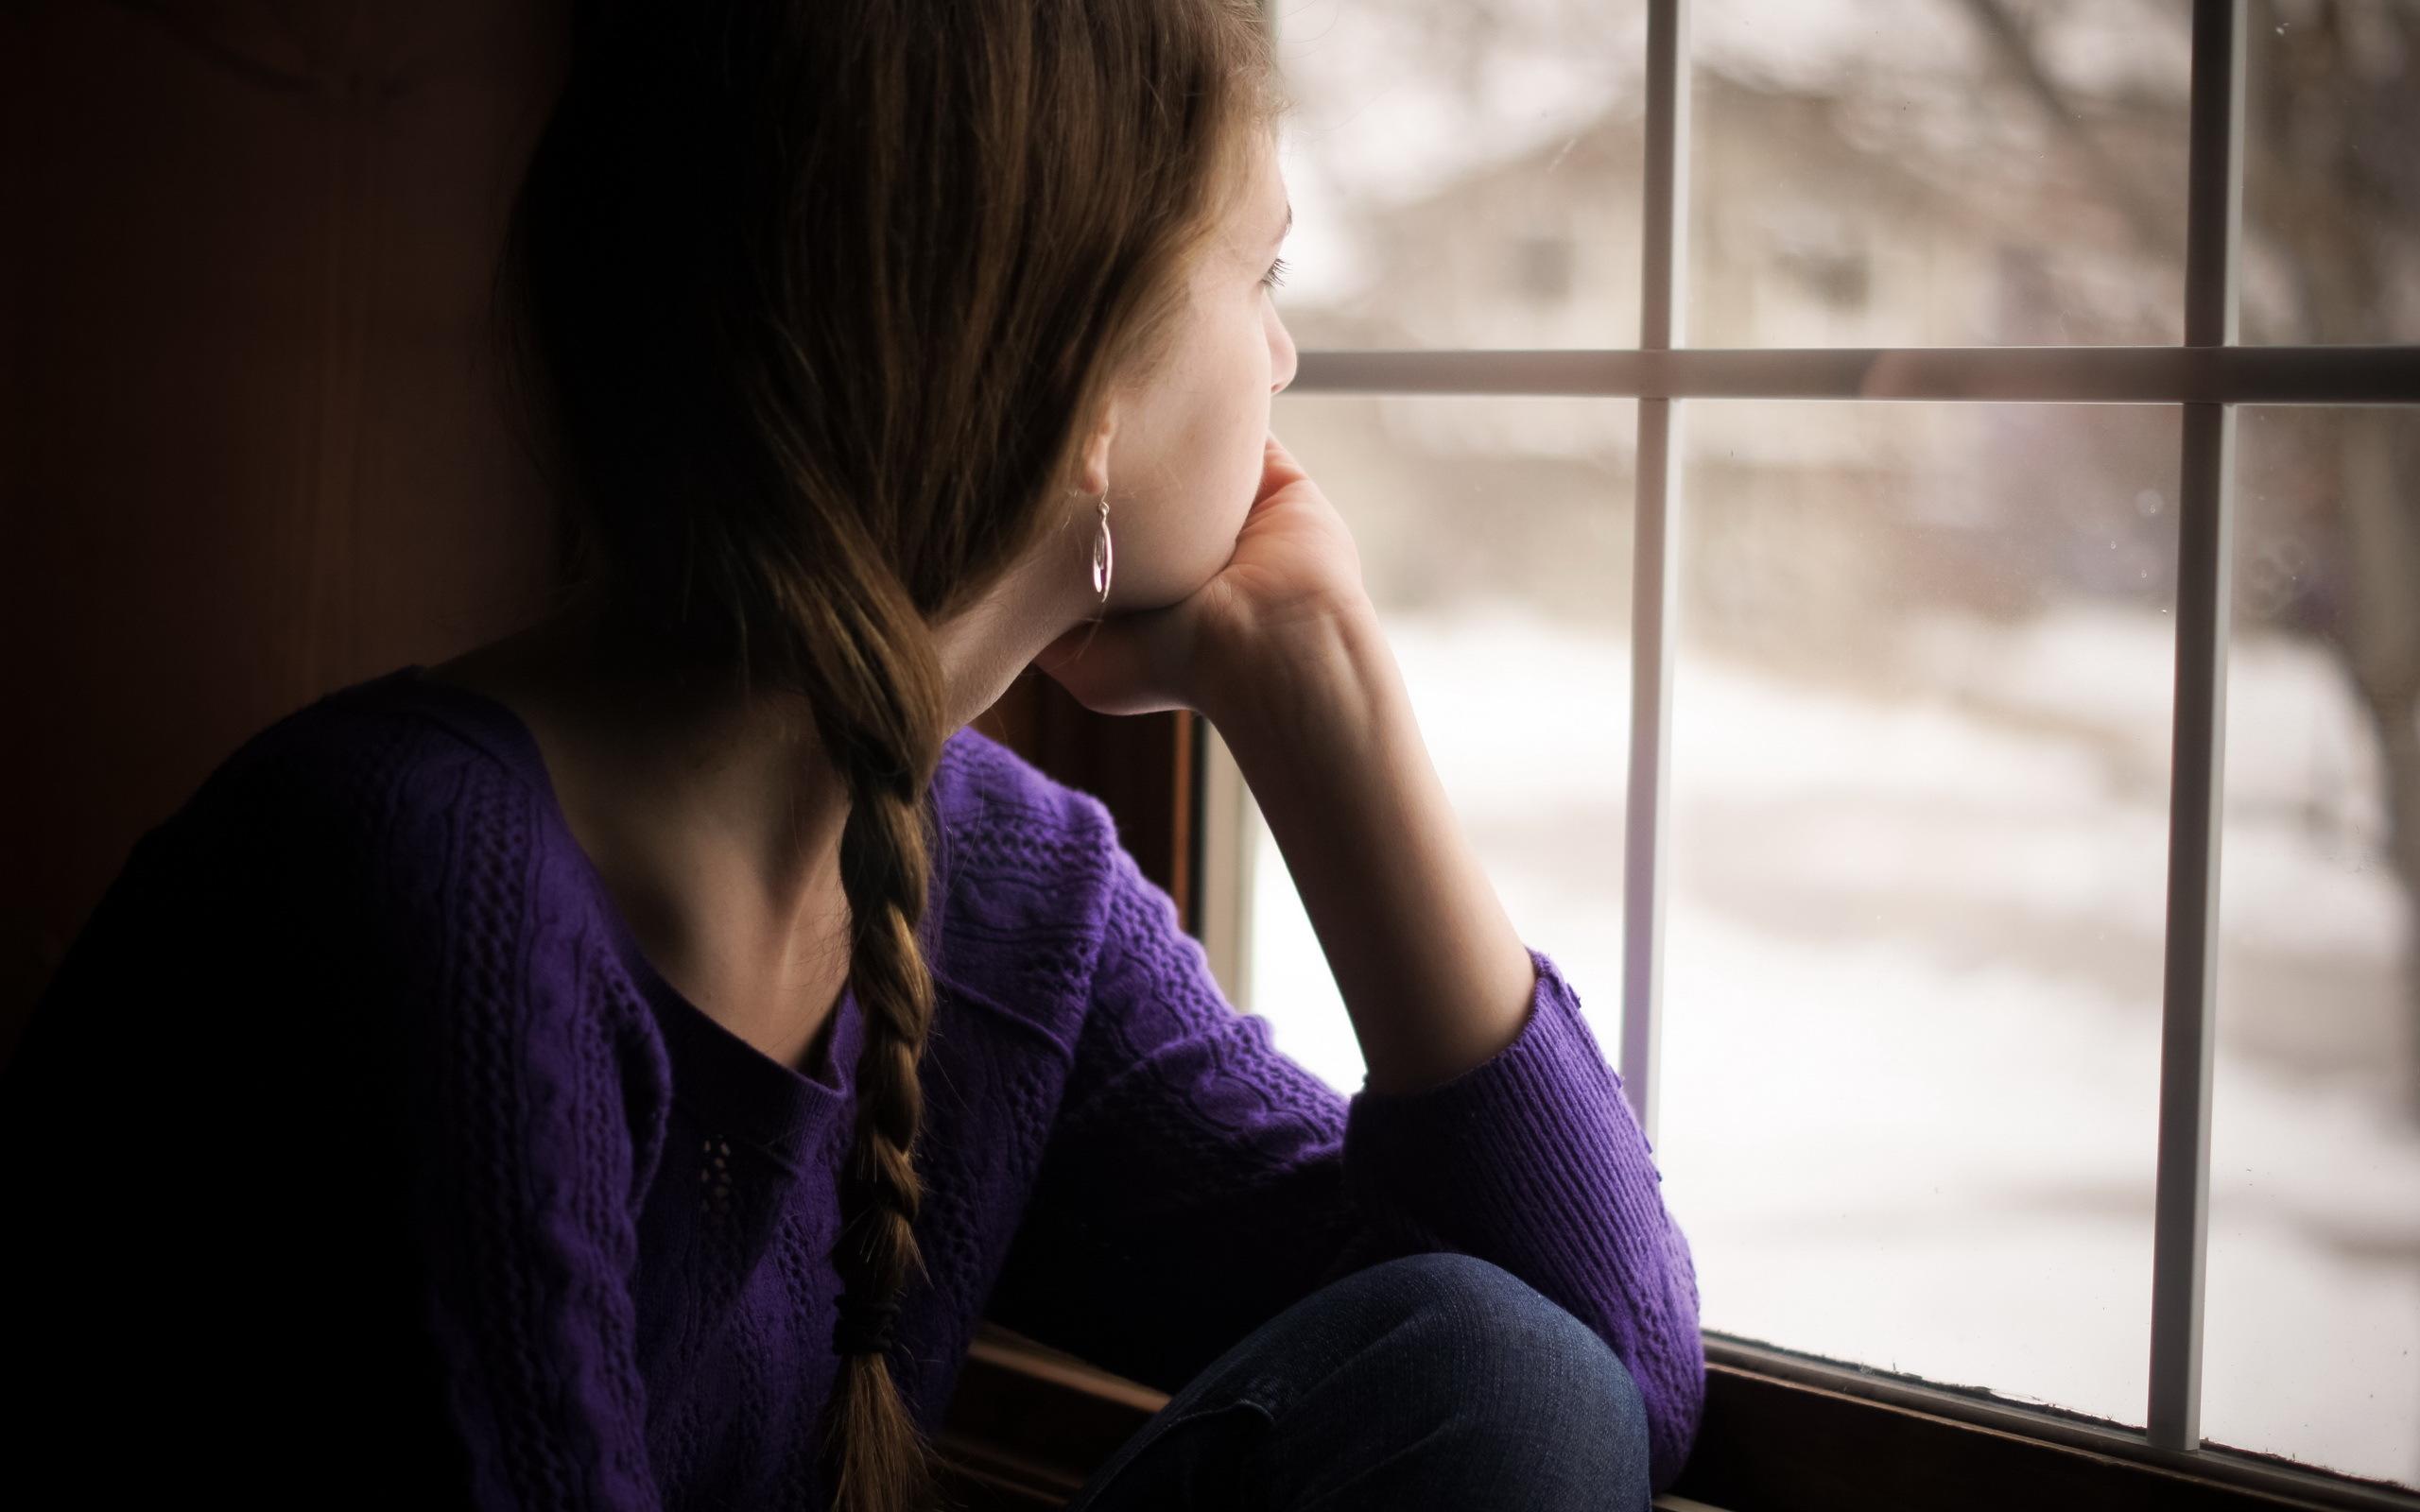 Девушка окно фото 14 фотография